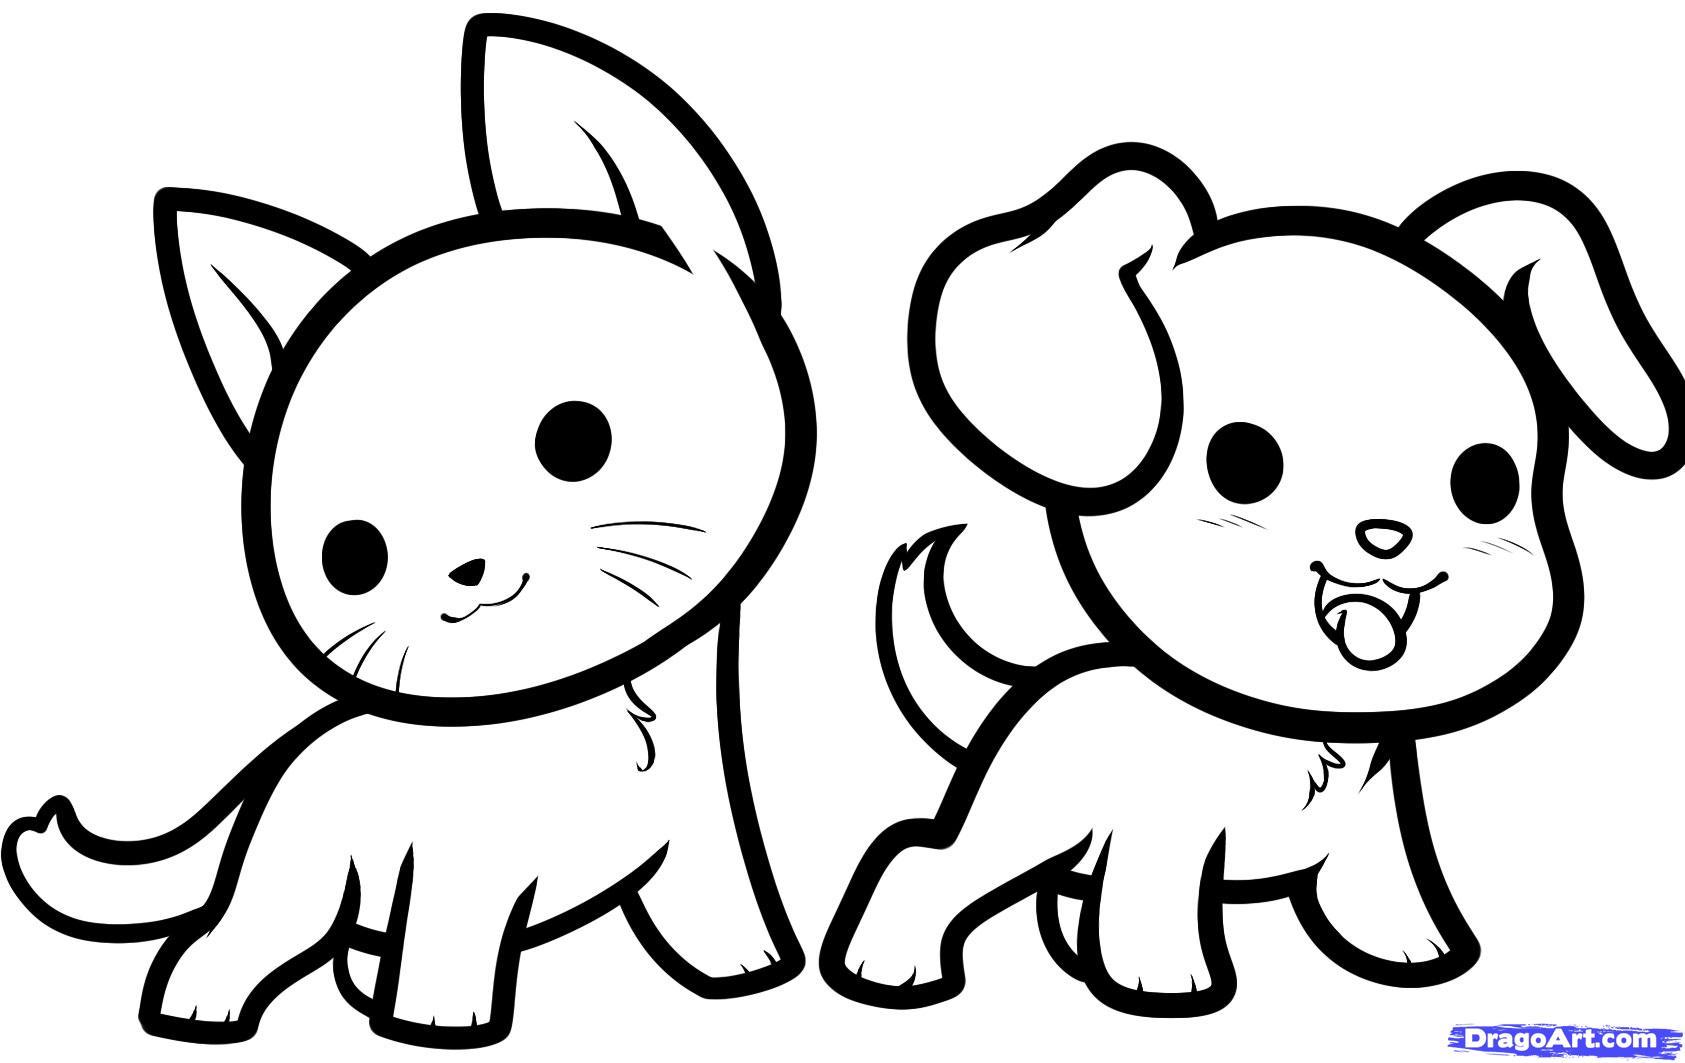 1685x1063 Cute Simple Animal Drawings